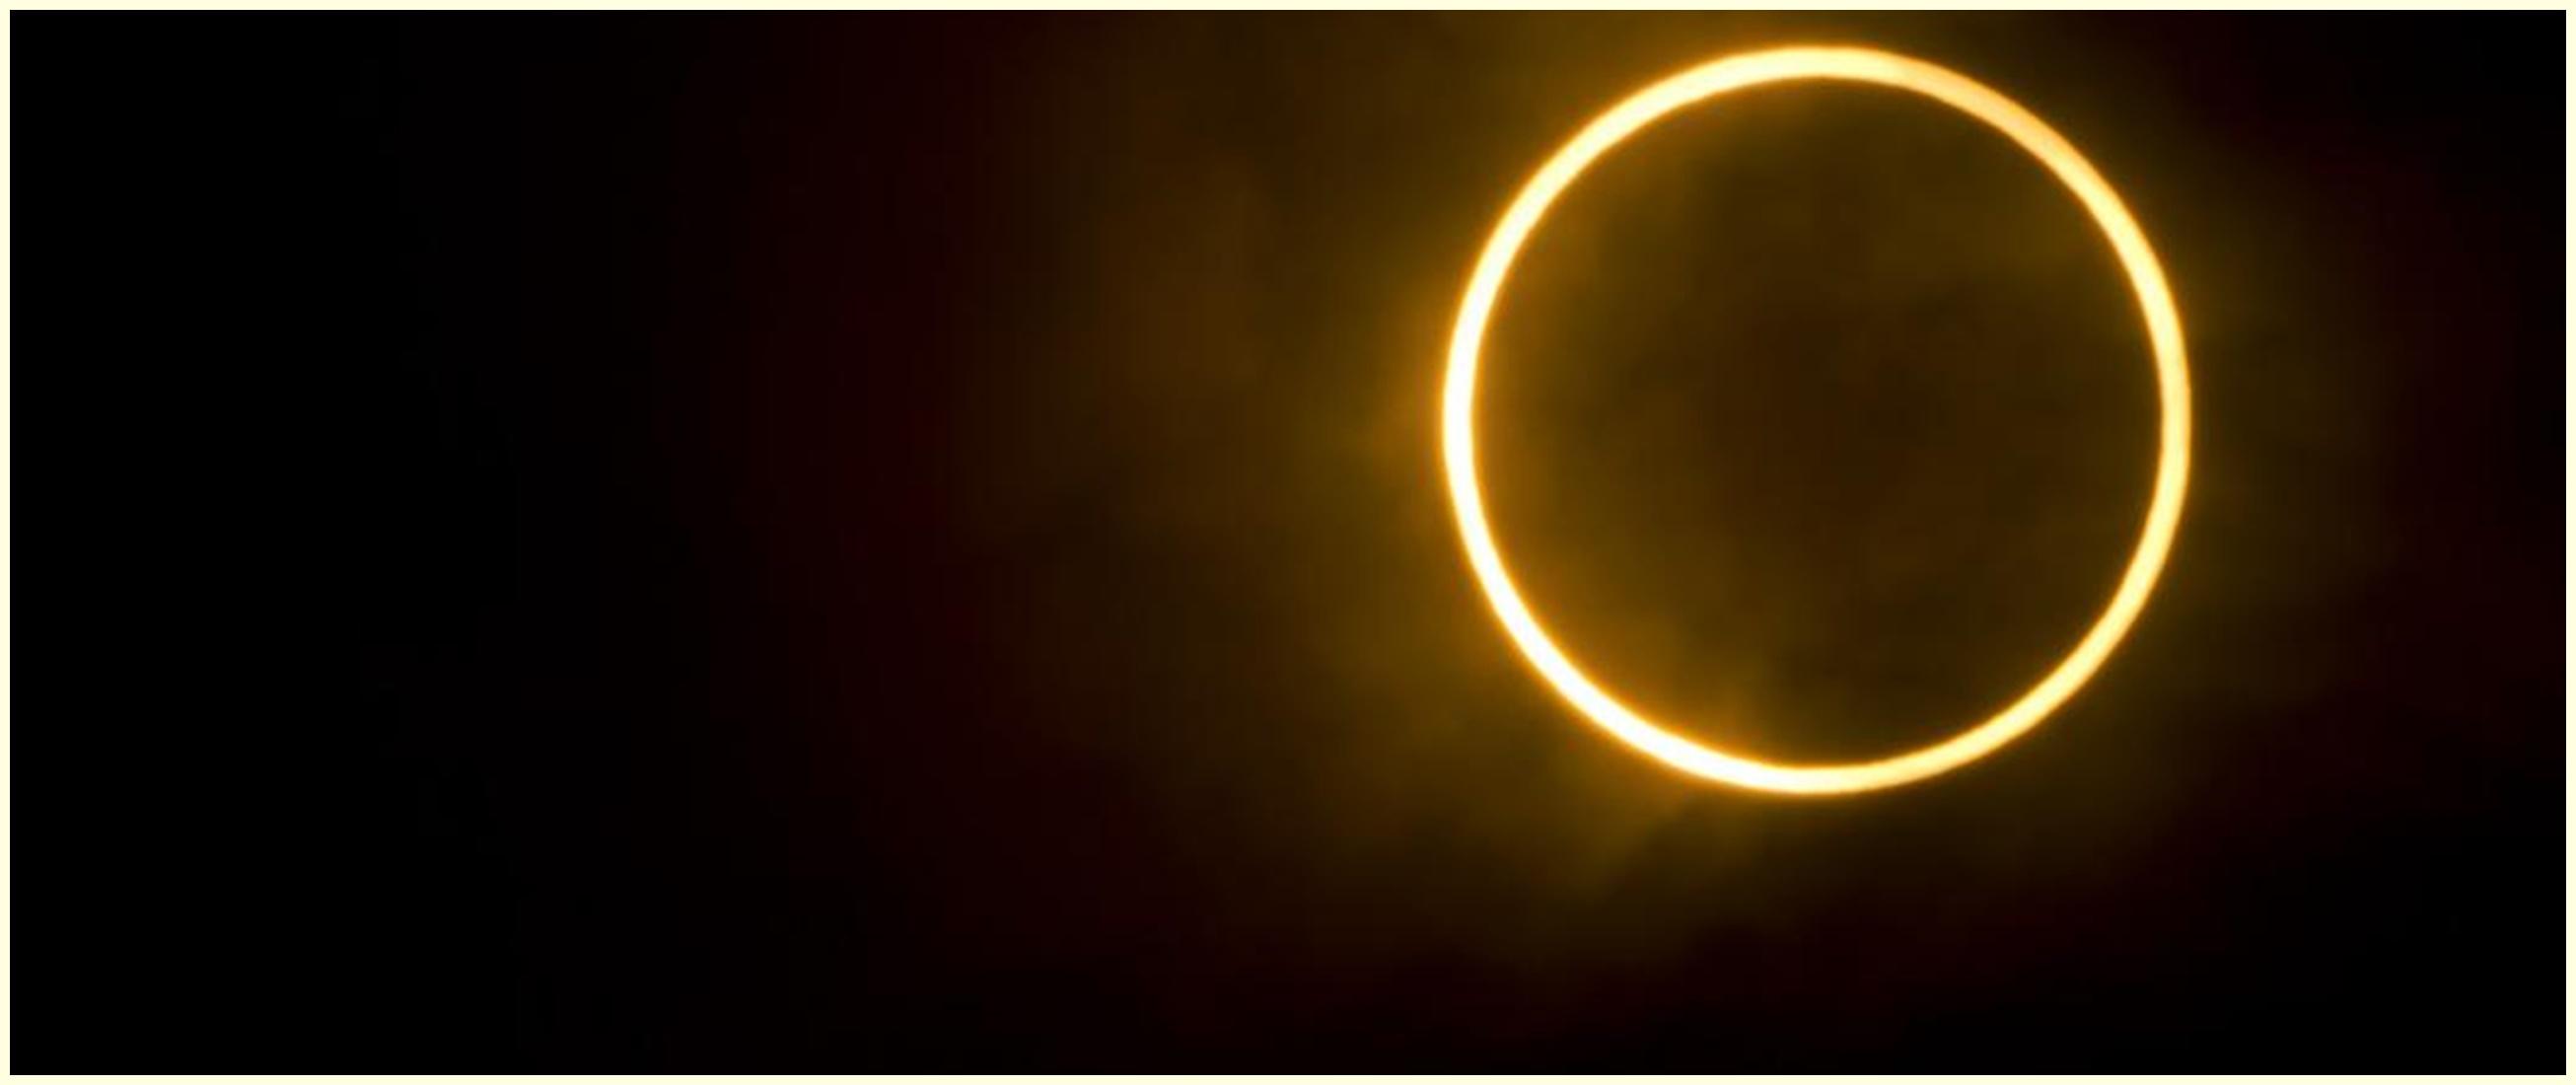 Ini jadwal & wilayah yang bisa saksikan gerhana matahari cincin 2020